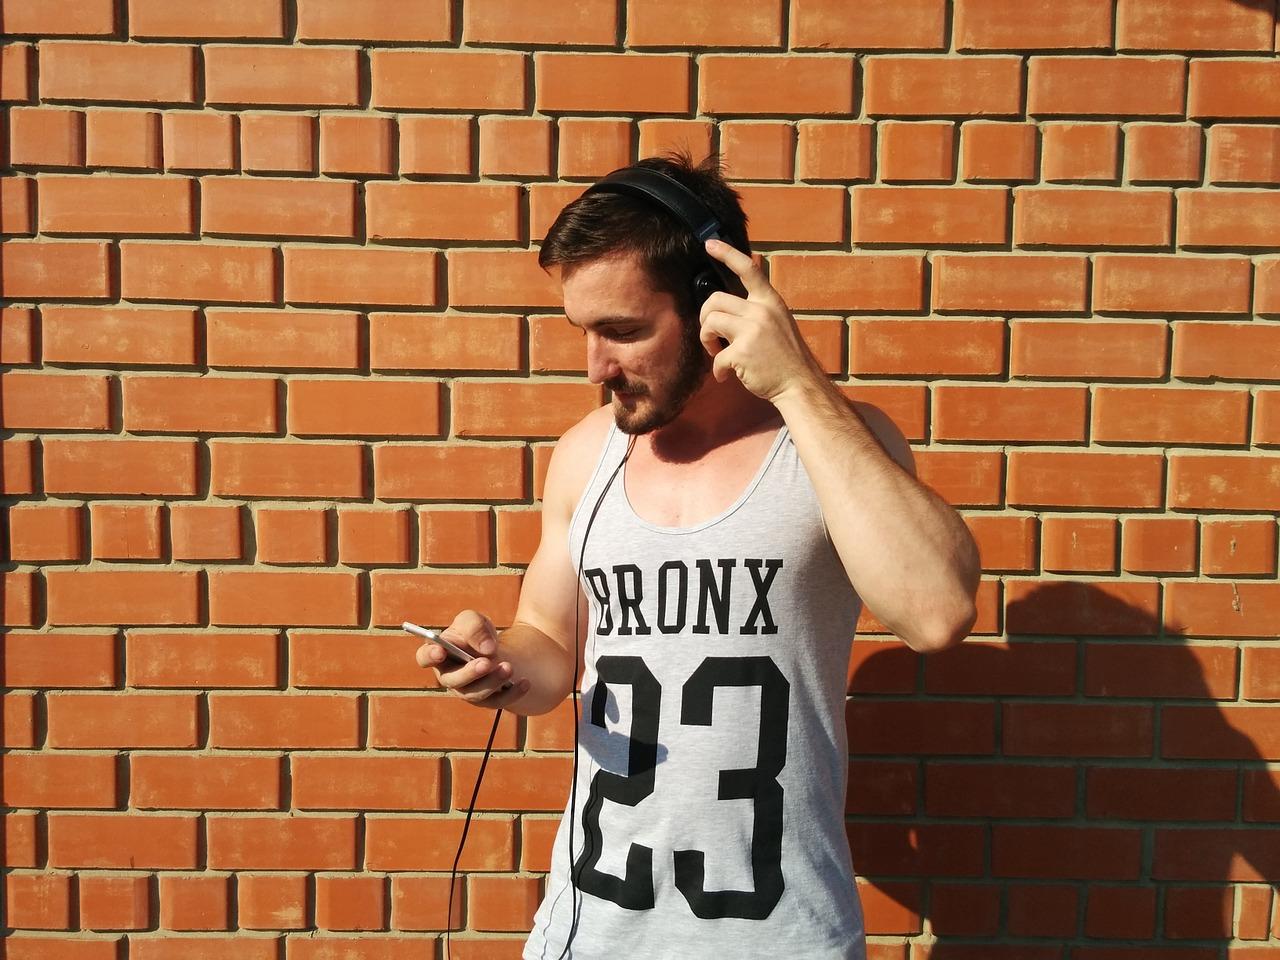 Écouter de la musique sur un appareil mobile